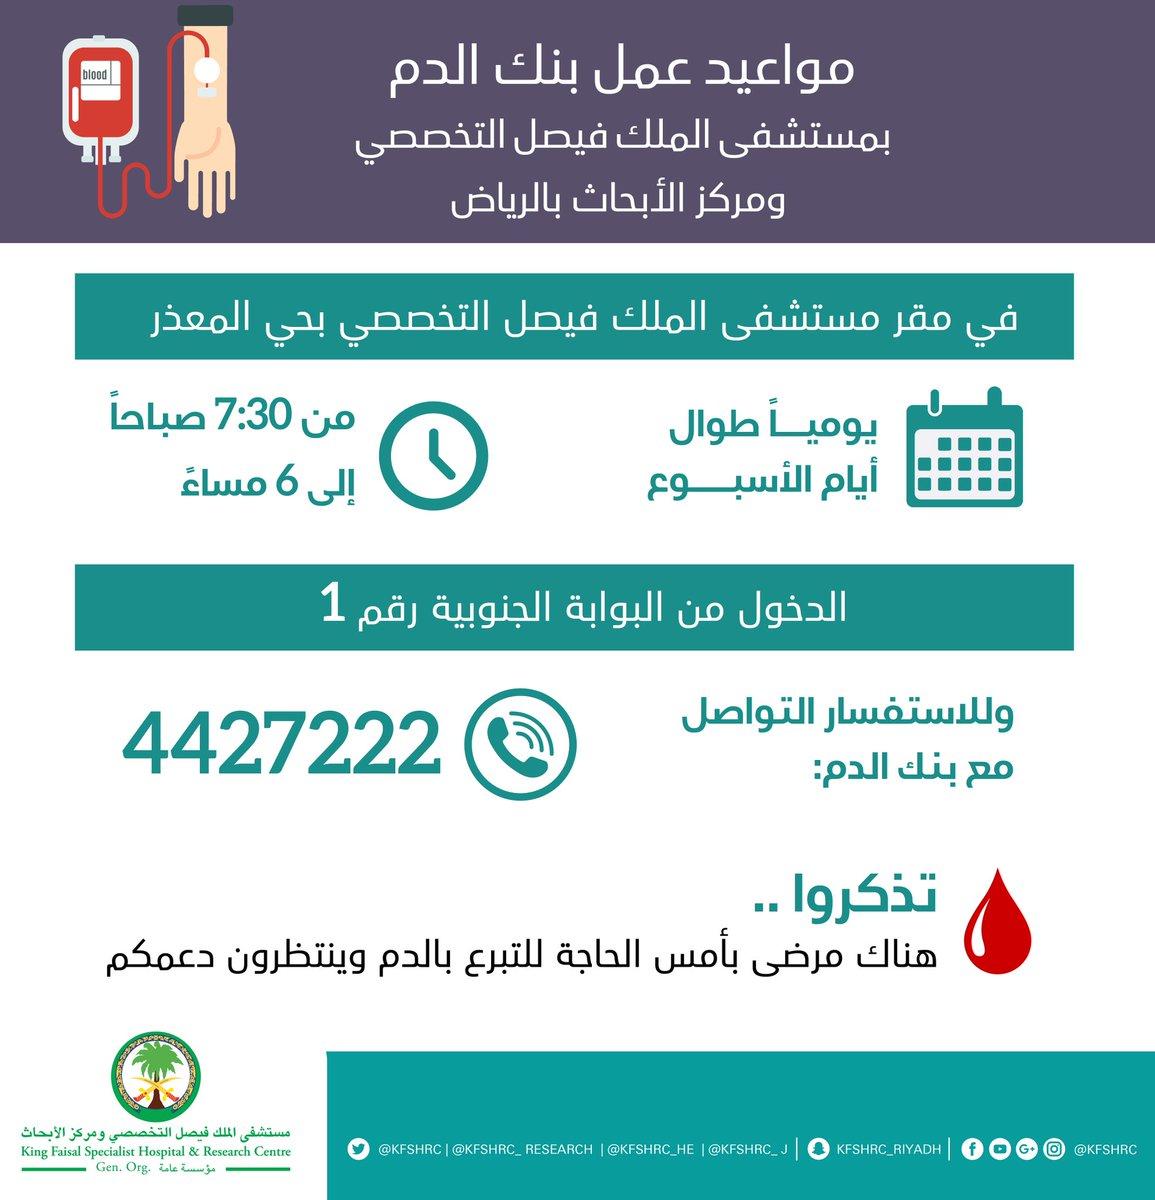 """بنوك الدم تشكو قلة المتبرعين بعد جائحة #كورونا..  مديرة بنك الدم في التخصصي """"د.الحميدان"""" تؤكد شدة الحاجة وتحث على التبرع بالدم والصفائح خصوصاً لمرضى #الأورام و #زراعة_الأعضاء. https://t.co/wkB31LO2LY"""